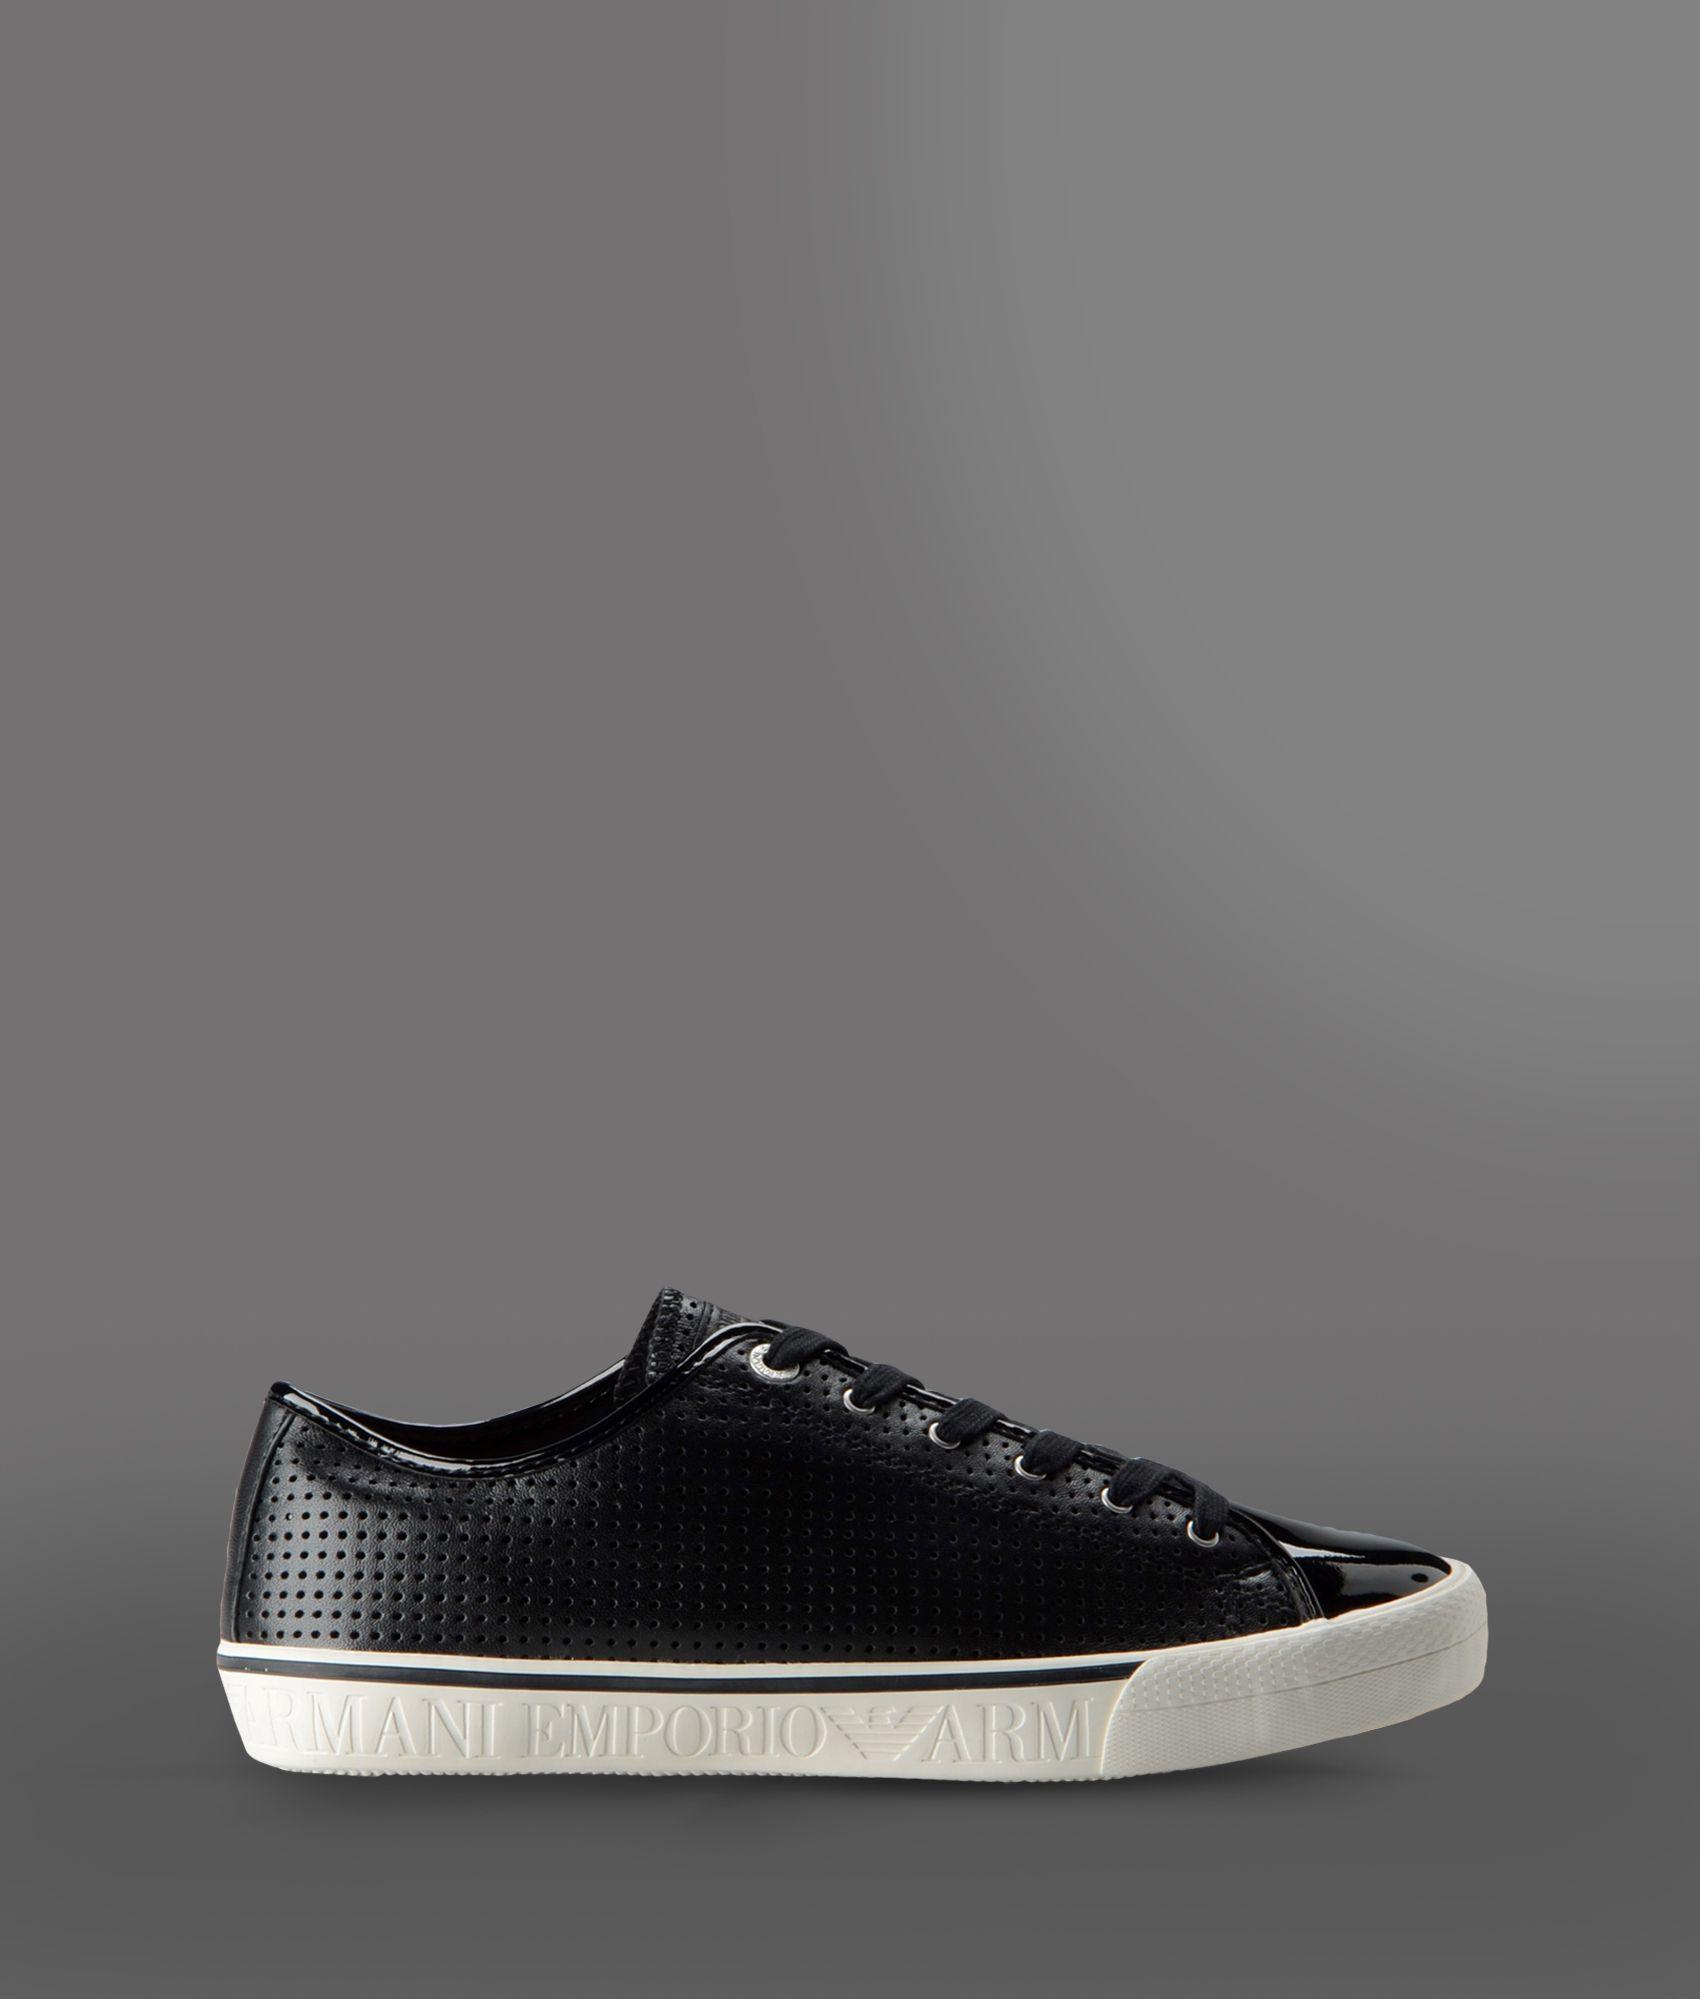 Lyst Emporio Armani Sneakers In Black For Men